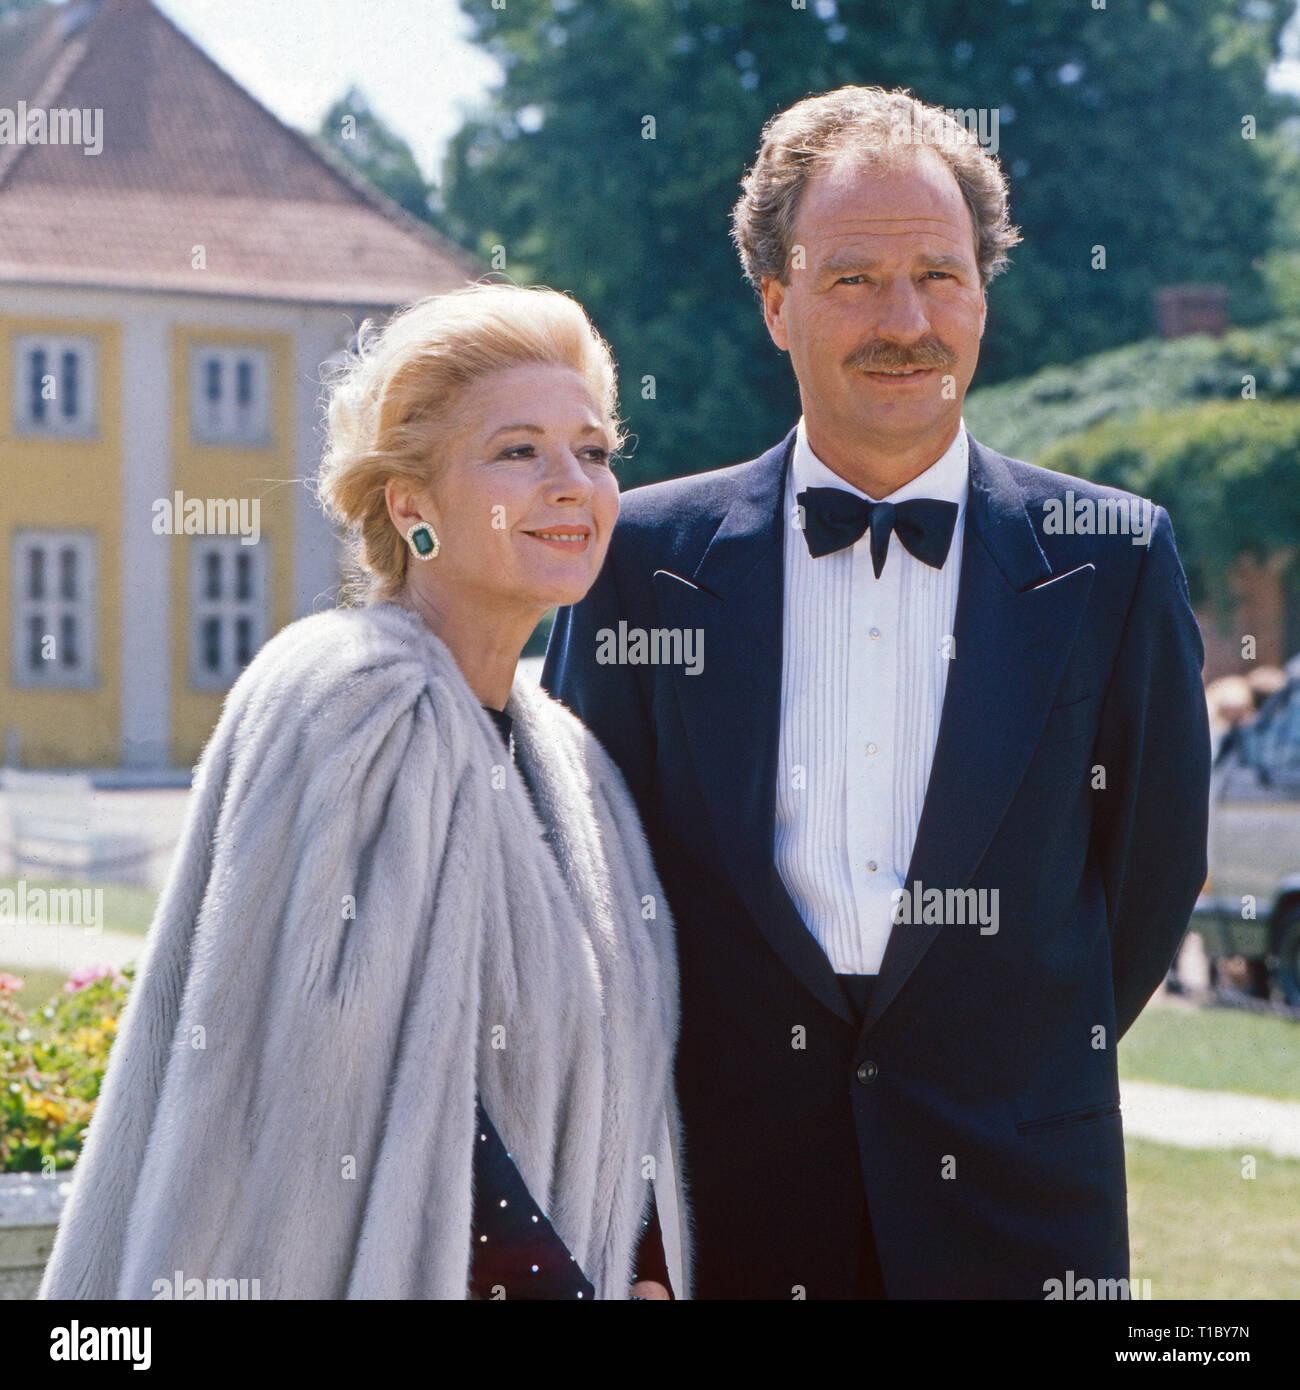 Das Erbe der Guldenburgs, Fernsehserie, Deutschland 1986 - 1988, Folge: 'Der berühmte Gast', Darsteller: Christiane Hörbiger, Friedrich von Thun - Stock Image